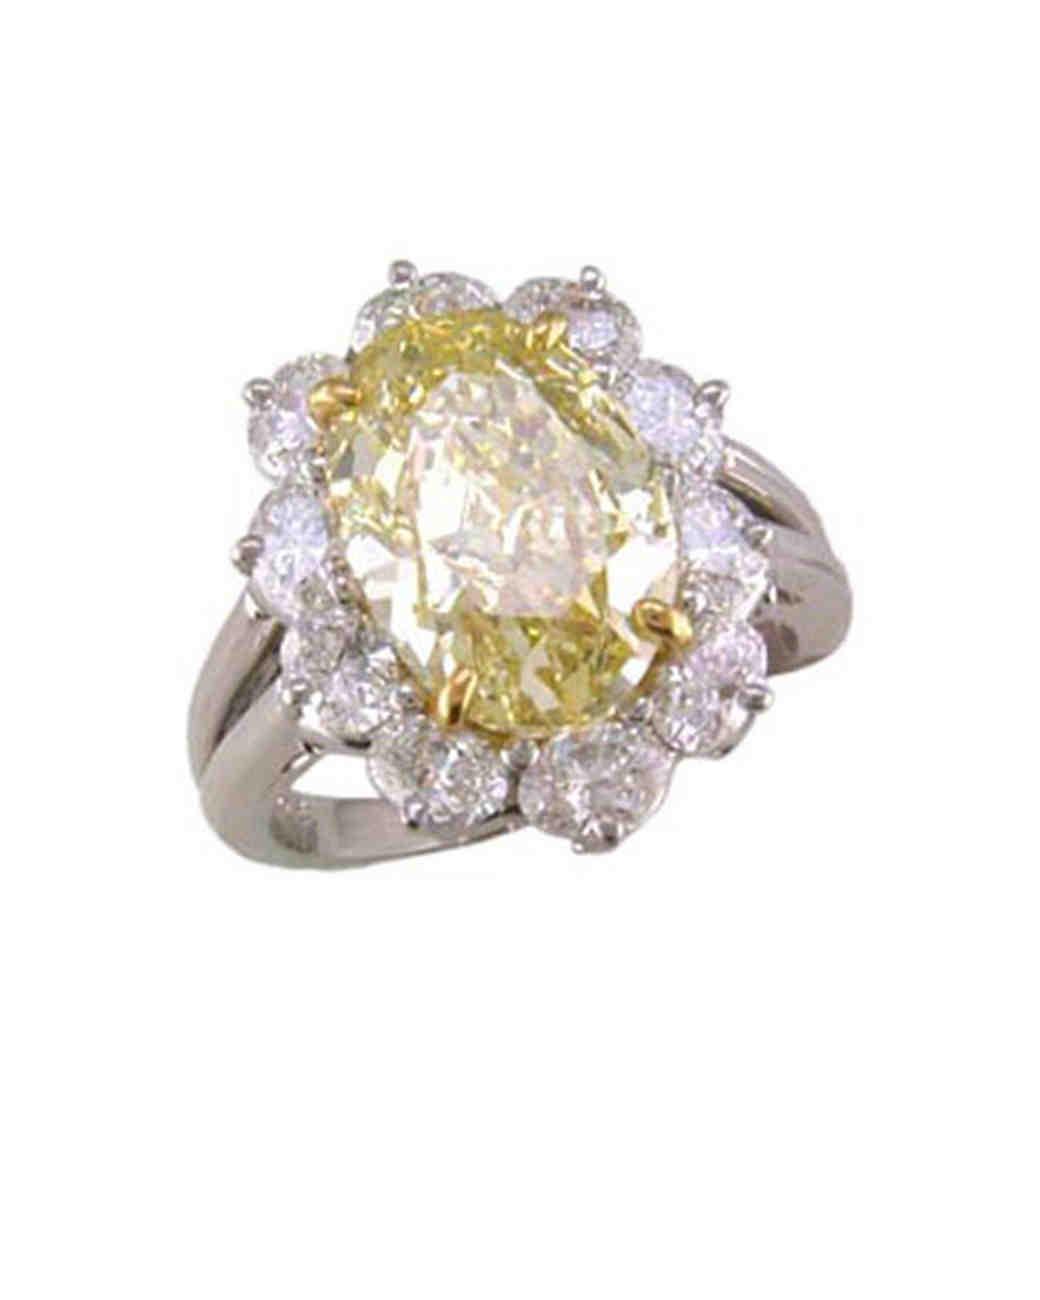 Oscar Heyman White Gold Engagement Ring